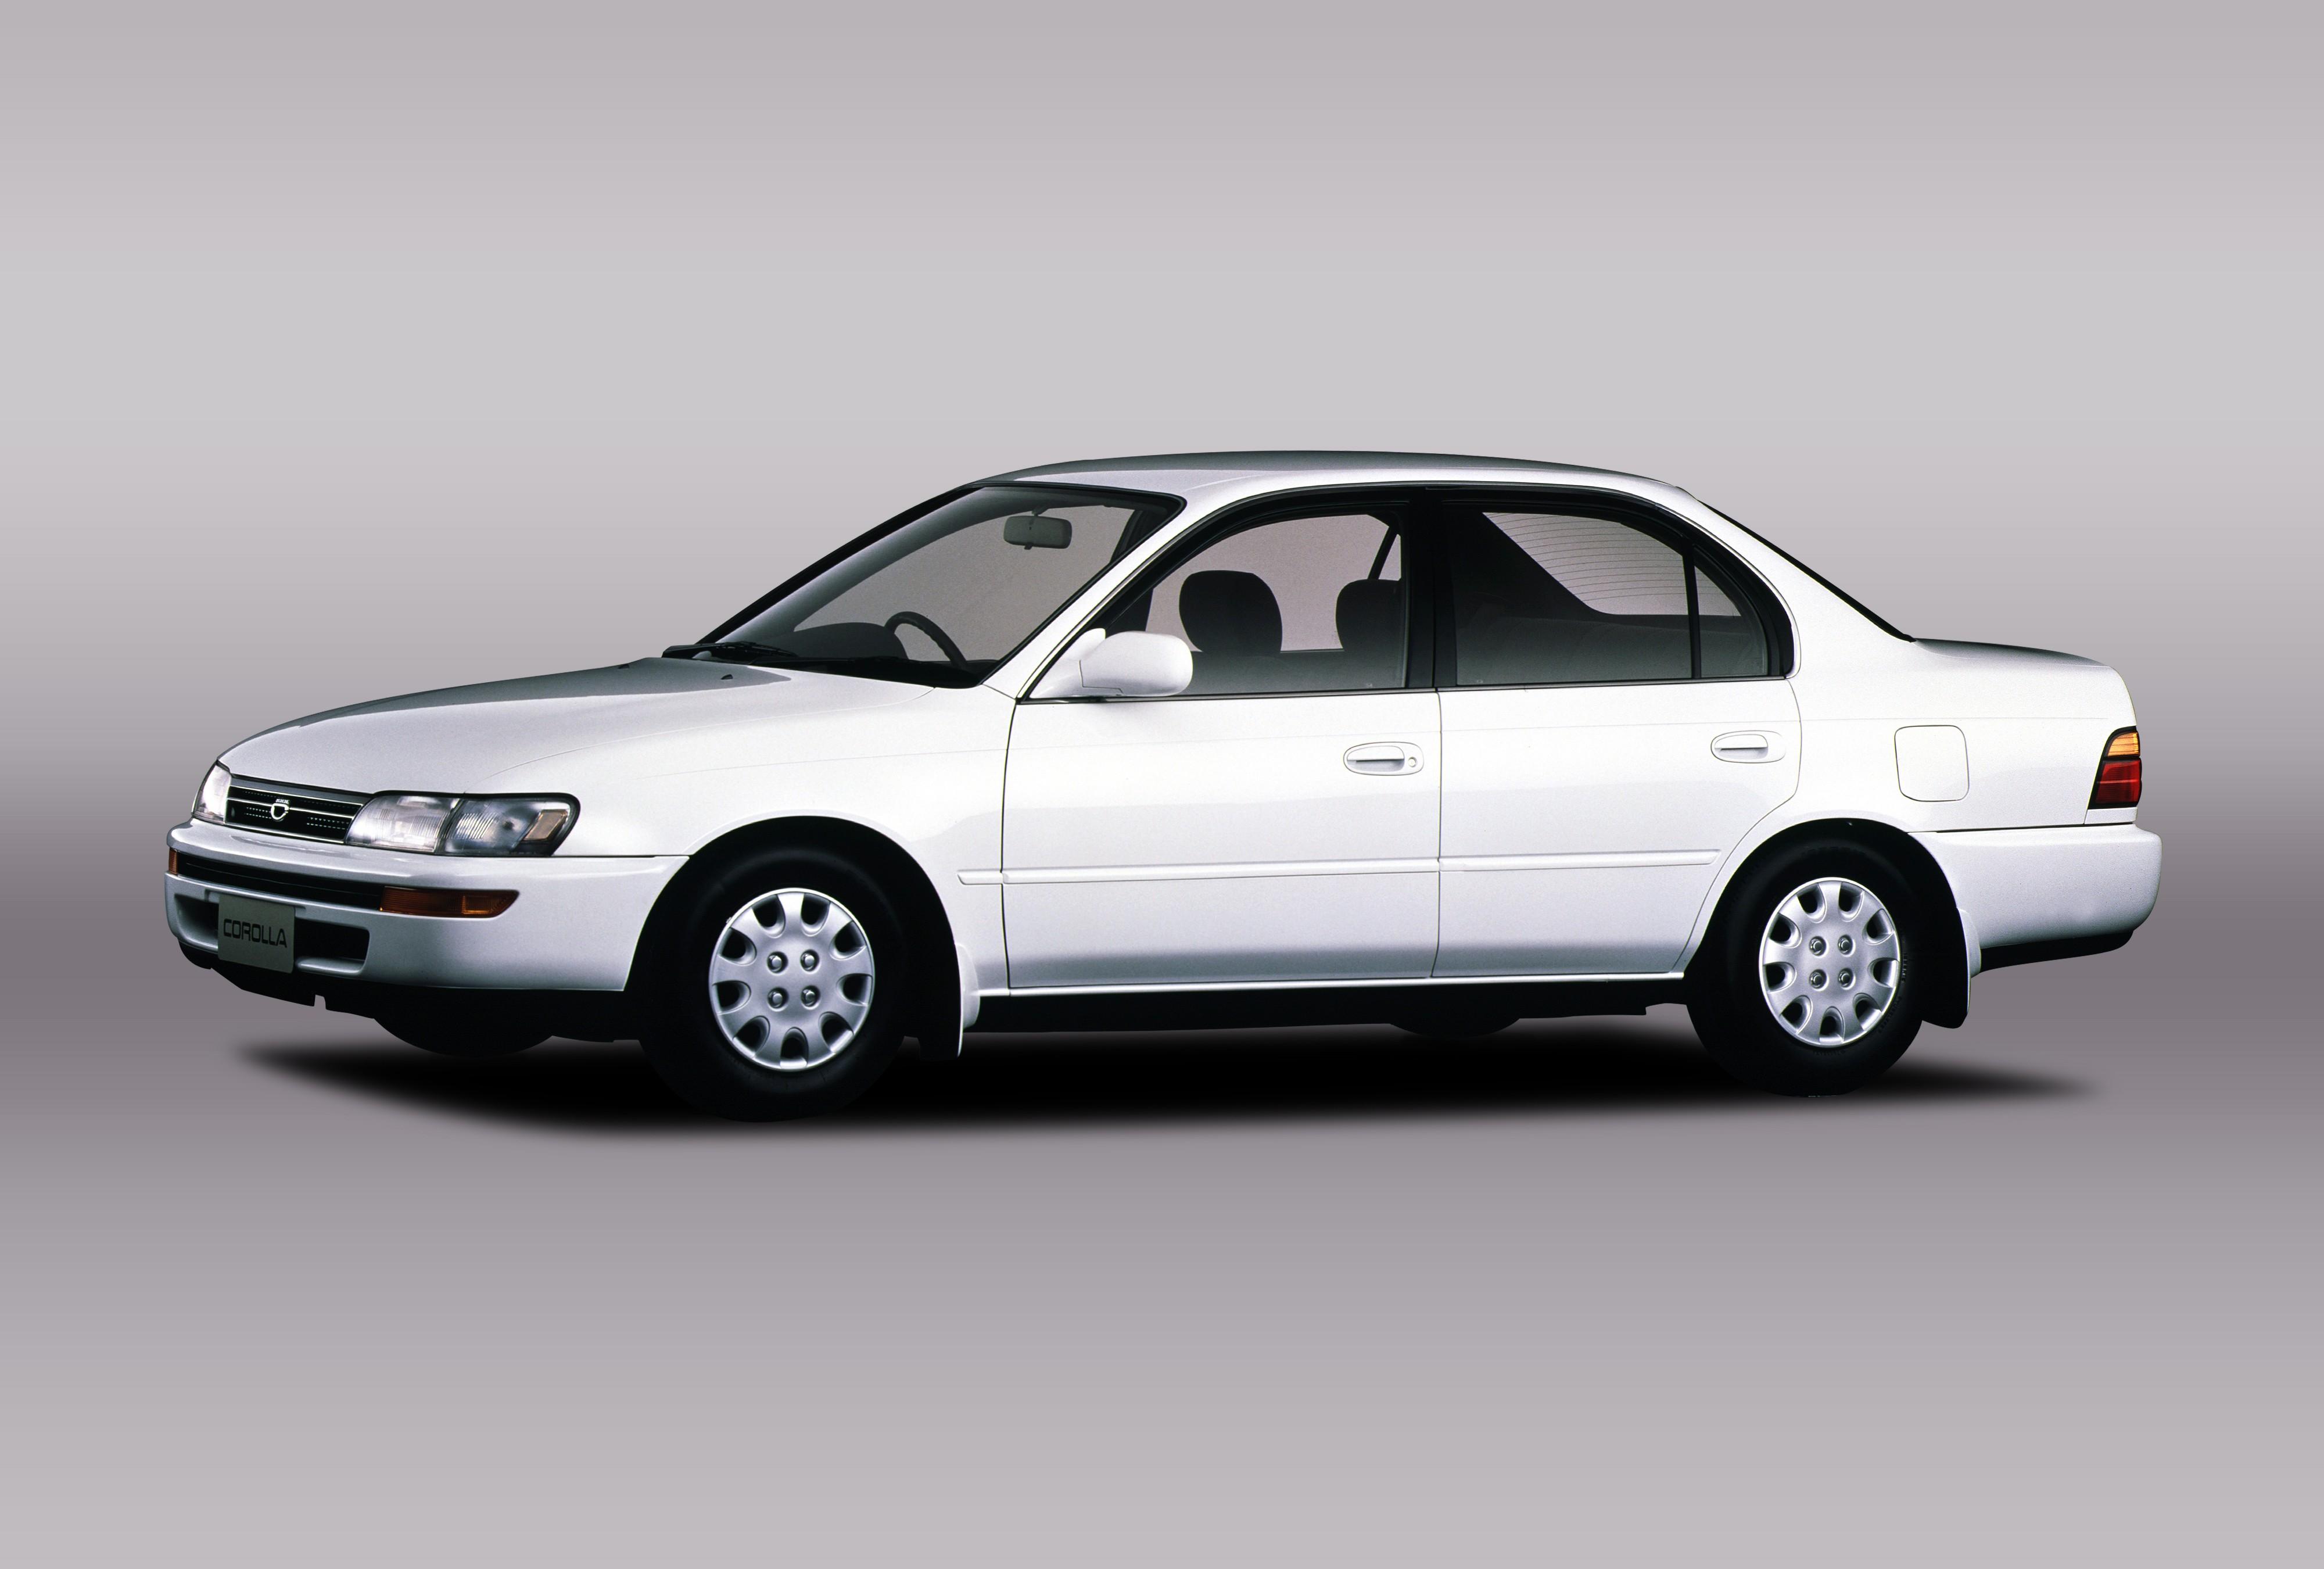 Kelebihan Kekurangan Corolla 1992 Spesifikasi